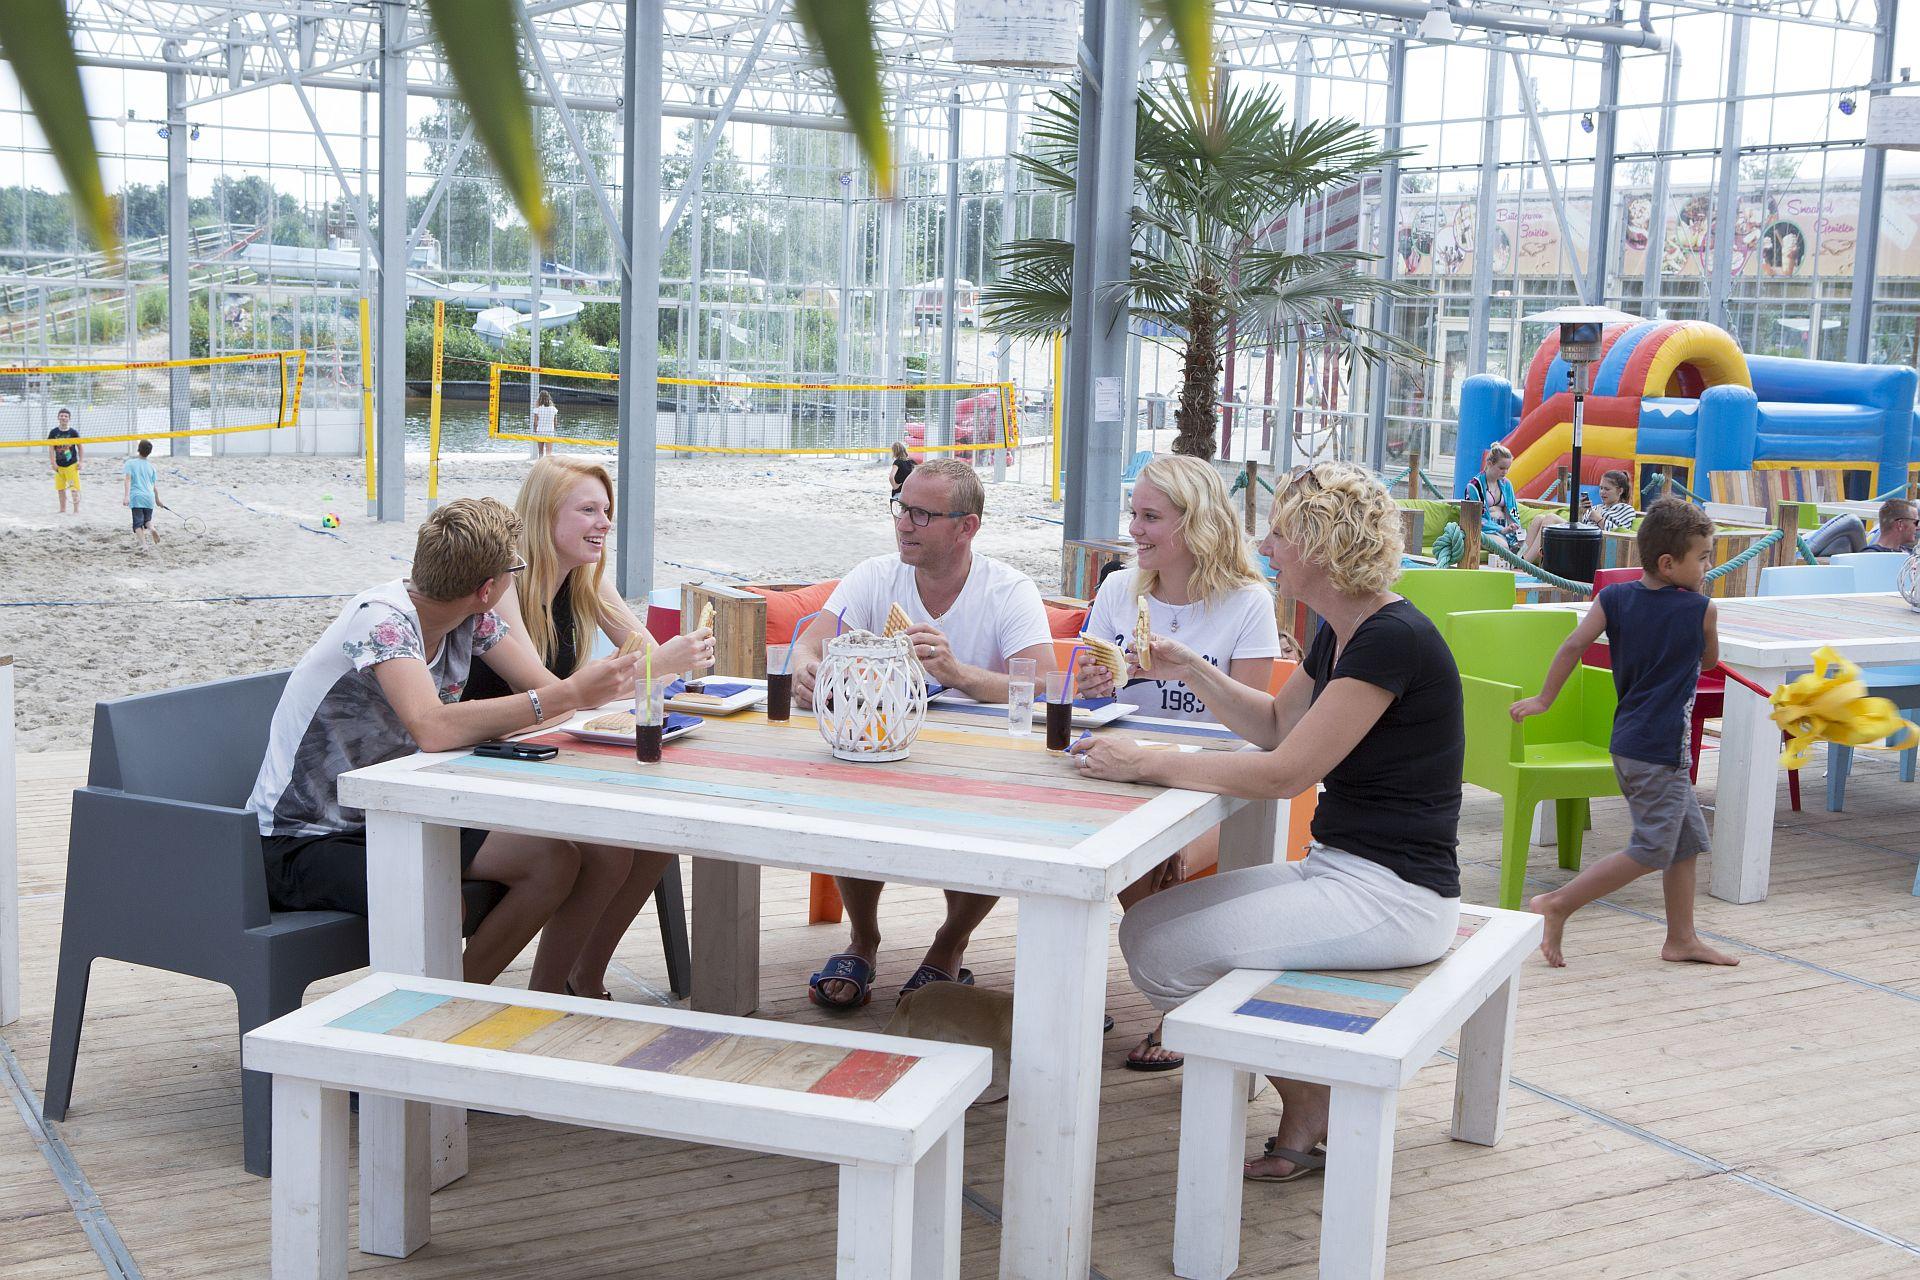 Feesten en partijen in Overijssel met een strandbelevenis - Feesten en partijen in Overijssel